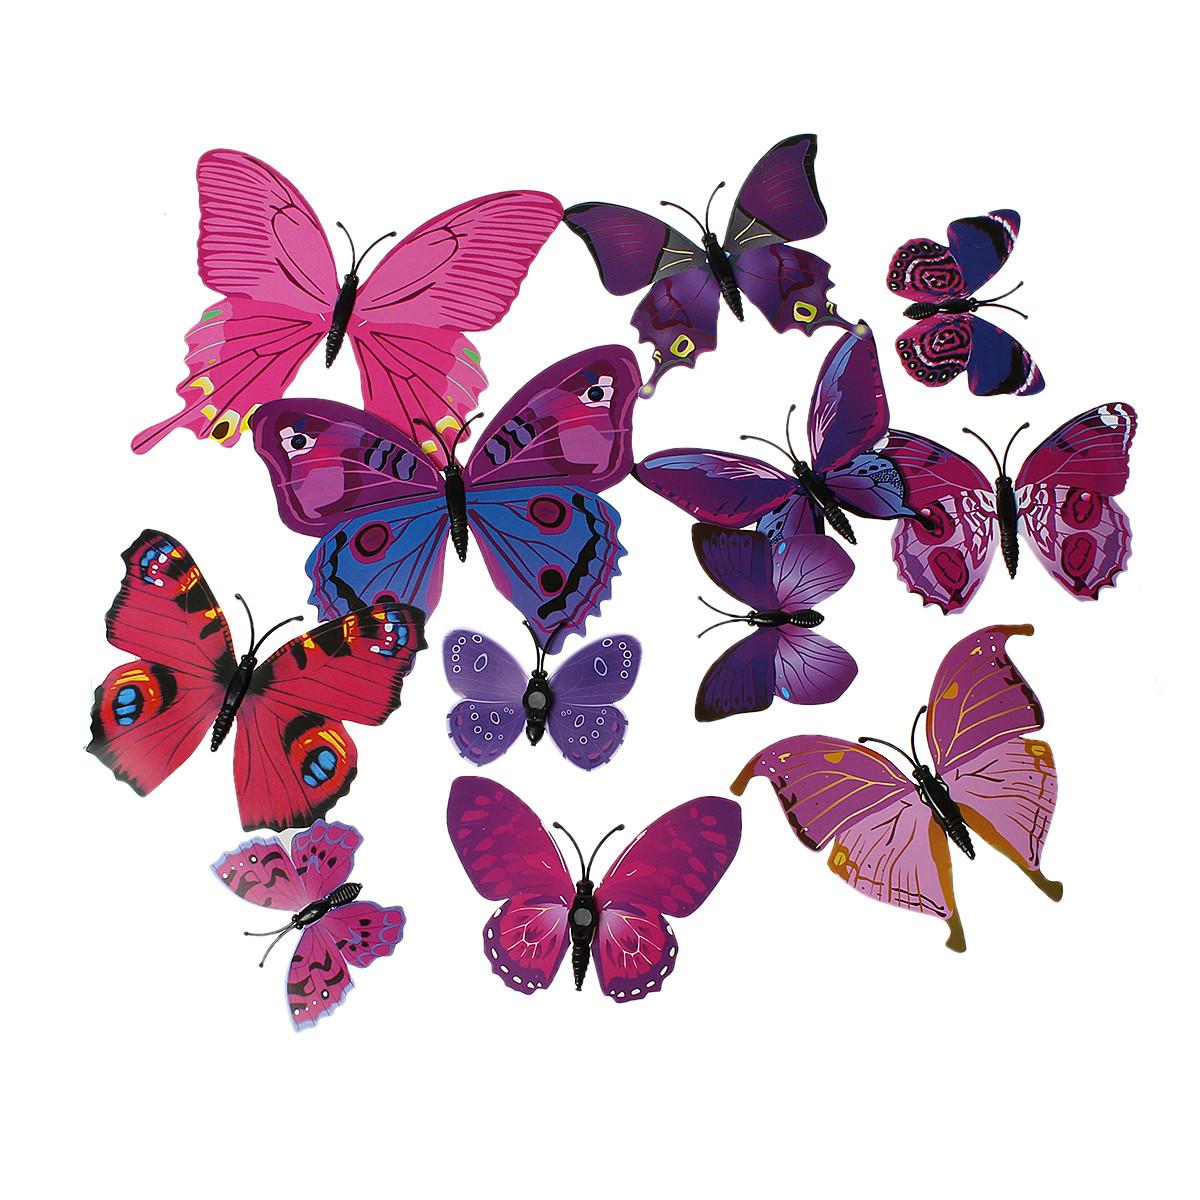 Бабочки 3D, PVC Пластик, Магнит на холодильник, Фуксия, 12 см x 10.5 см, Пакет: 12 шт.